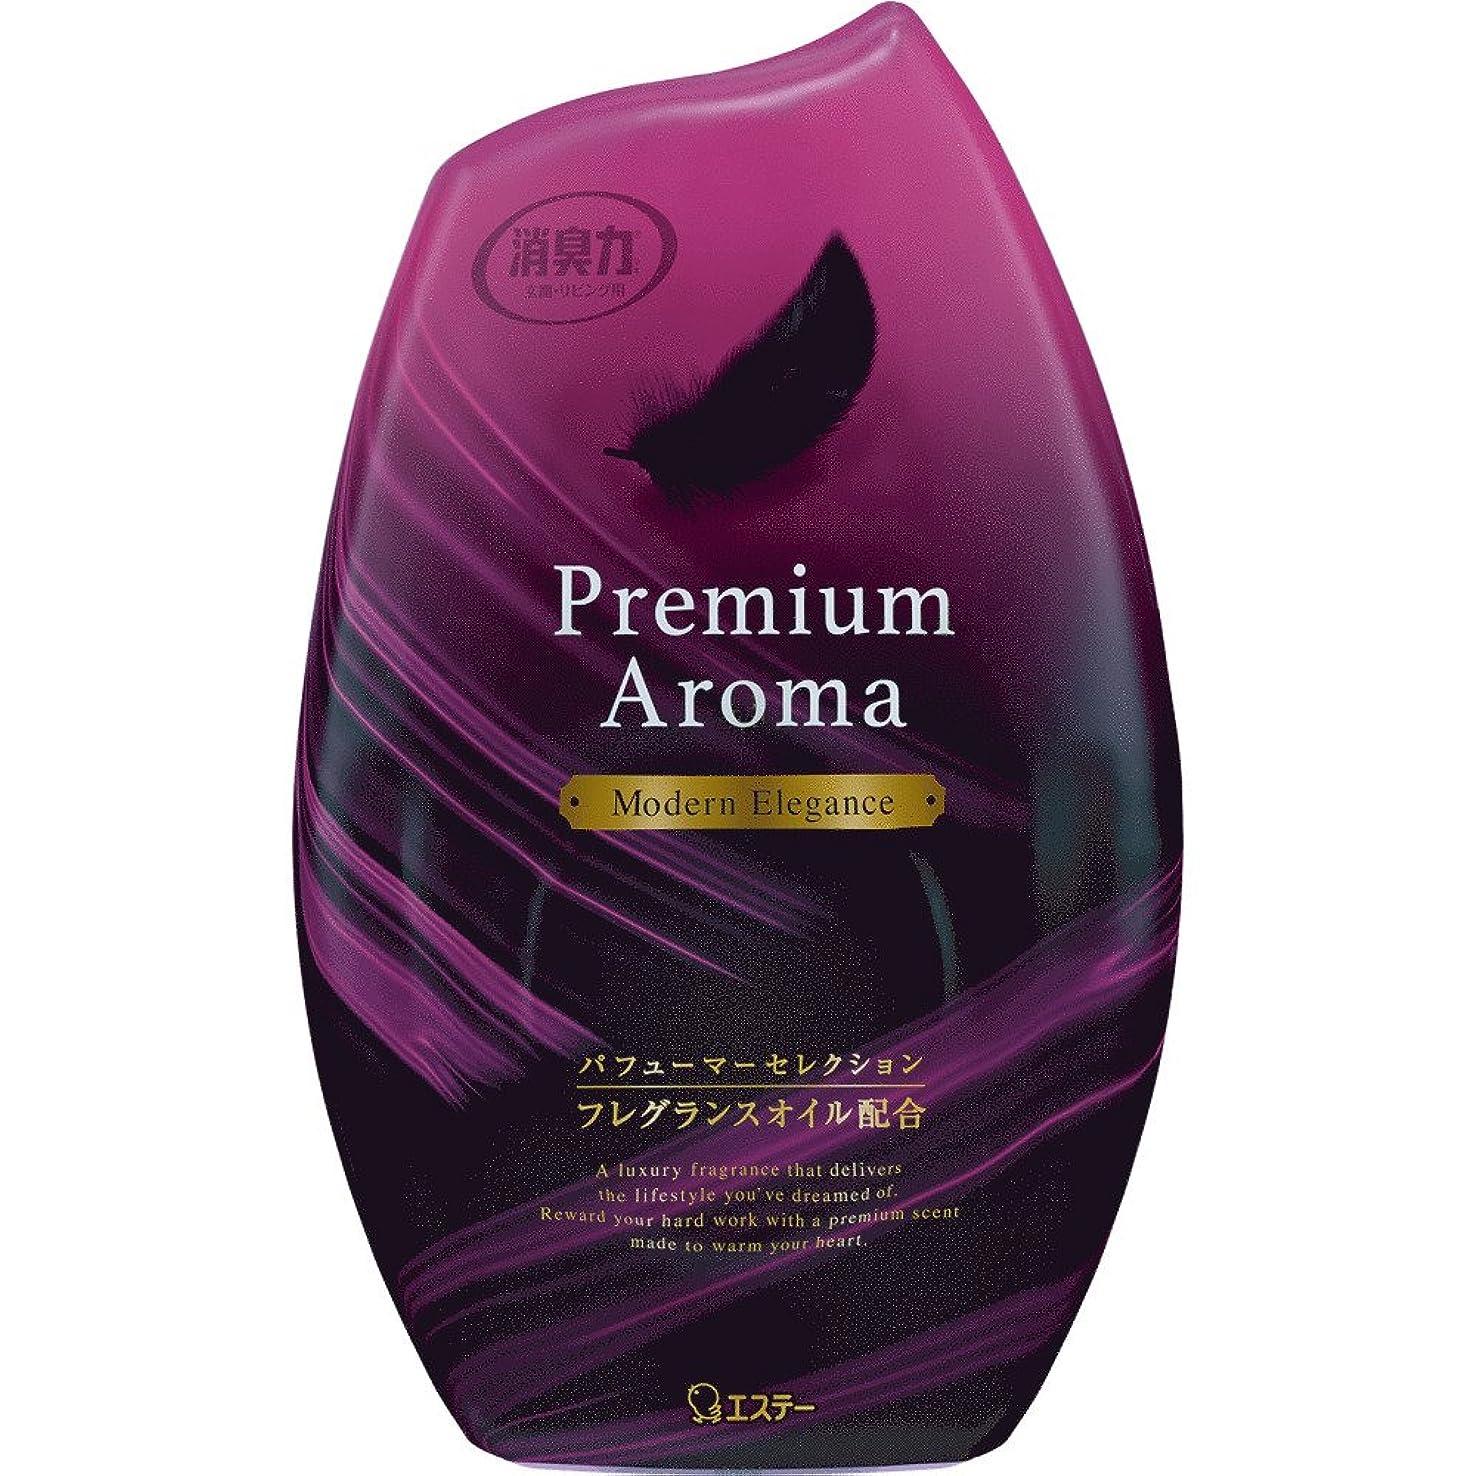 アルバムセメント政治的お部屋の消臭力 プレミアムアロマ Premium Aroma 消臭芳香剤 部屋用 部屋 モダンエレガンスの香り 400ml